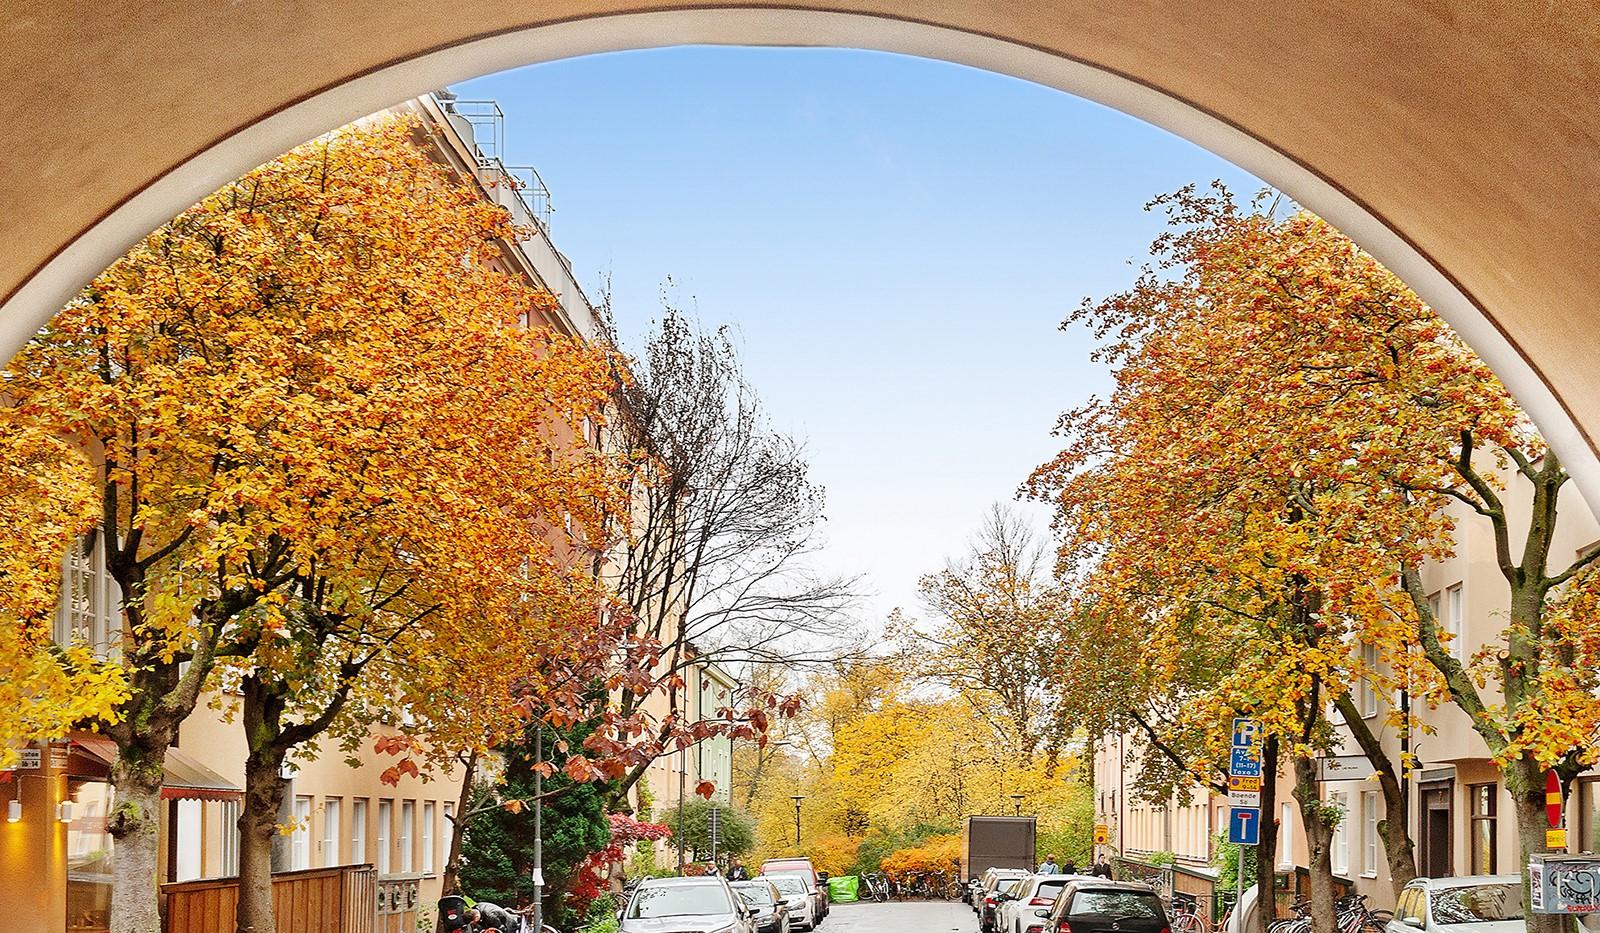 Folkskolegatan 20 - Folkskolegatan mot Långholmen